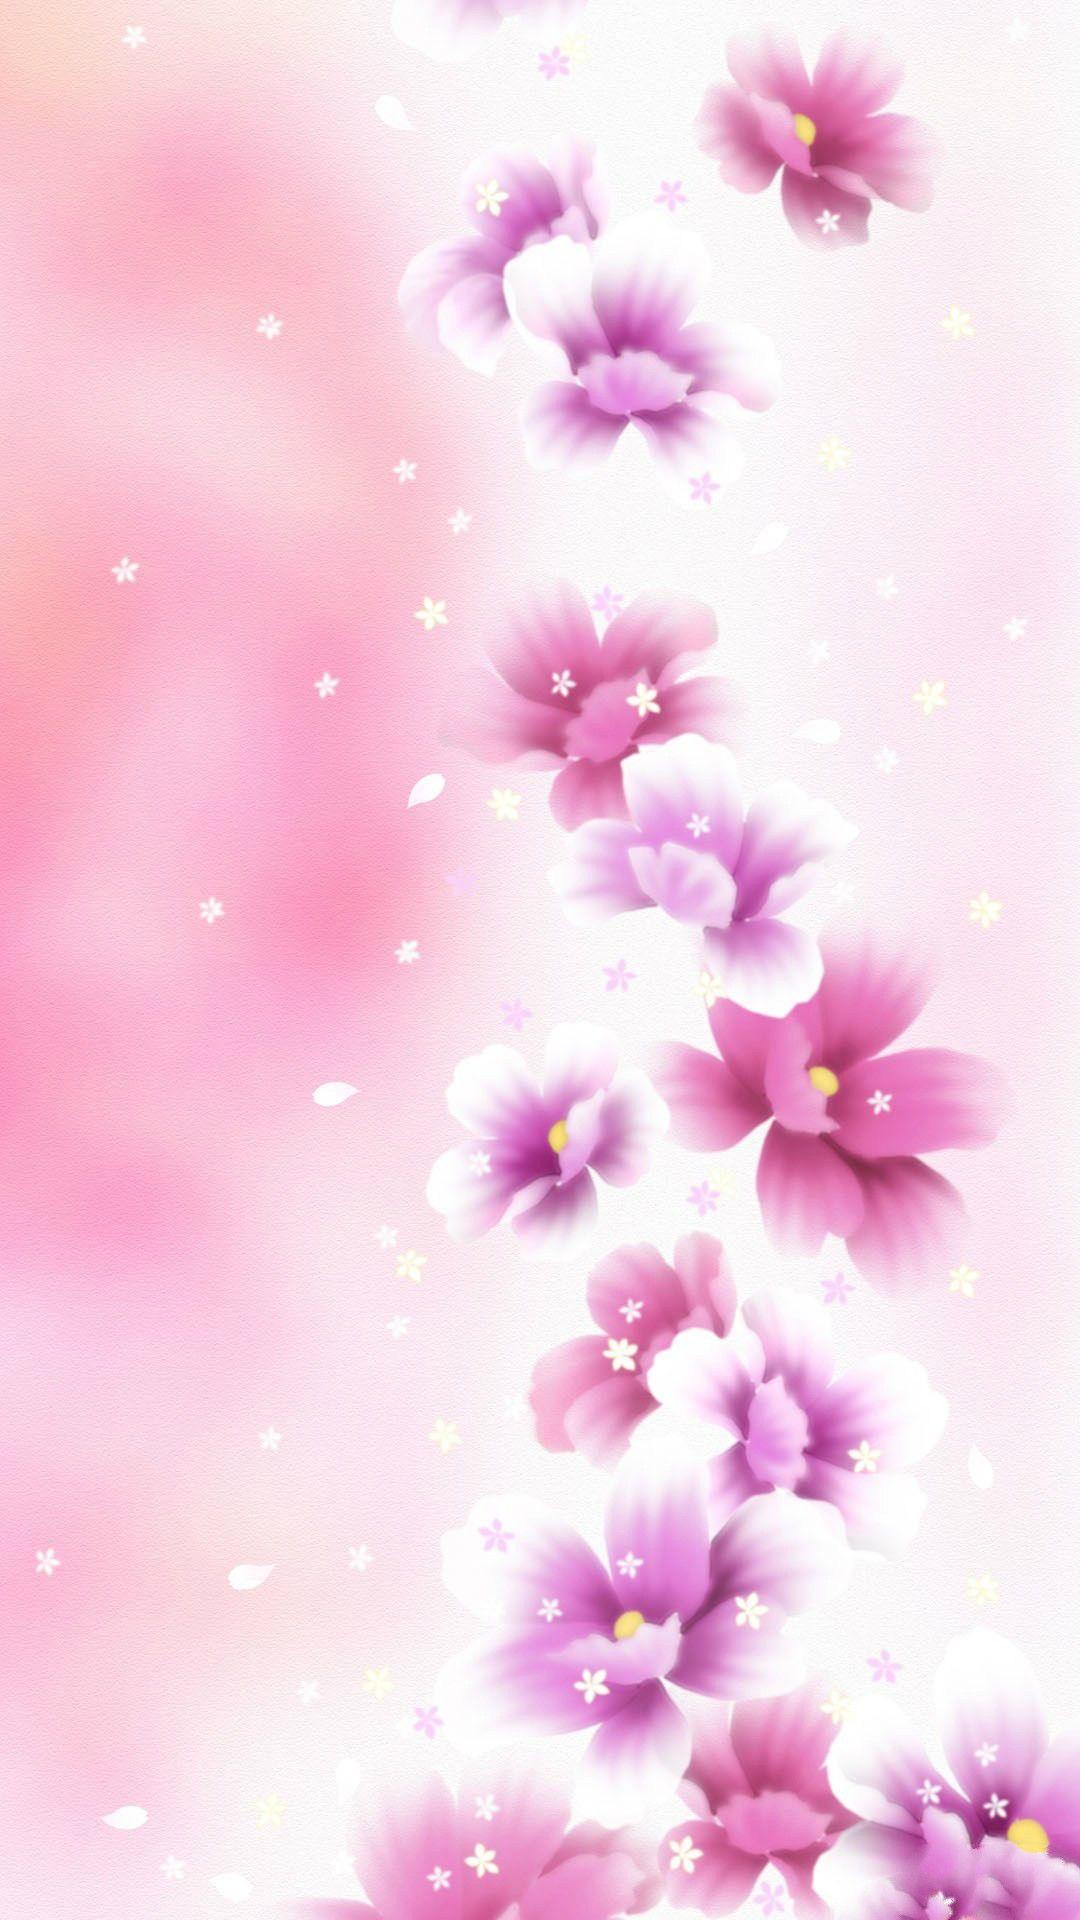 Dreamy Pink Flower Bouquet Iphone 6 Wallpaper Ilikewallpaper Com Aa7c07ab3a9de4cb910e204e4f2aa501 Raw